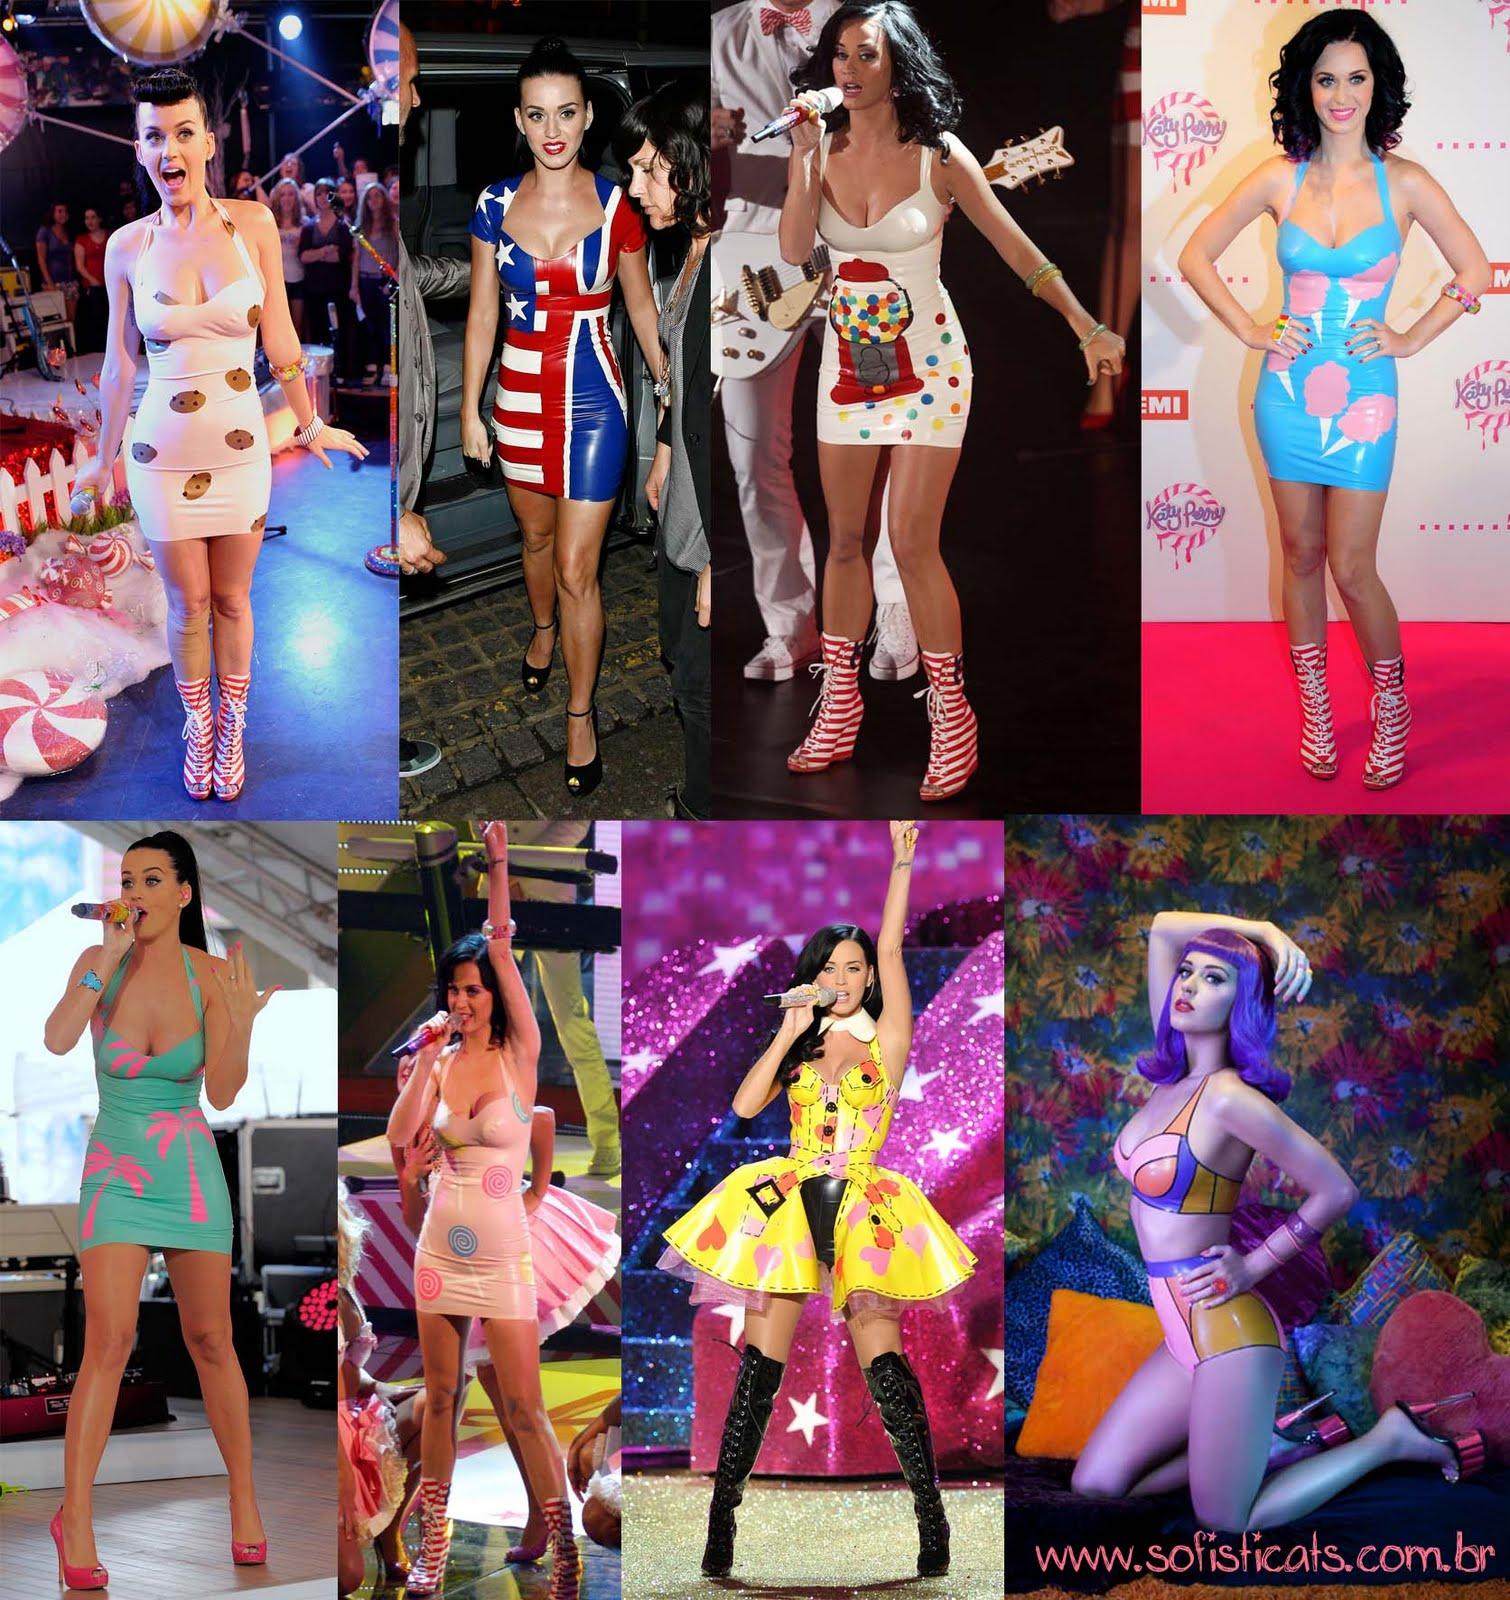 http://1.bp.blogspot.com/-zhF-gNbjNqw/Tc87XpezIaI/AAAAAAAAAFQ/6tJv_vD65j4/s1600/C%25C3%25B3pia+de+Katy-Perry-Latex.jpg